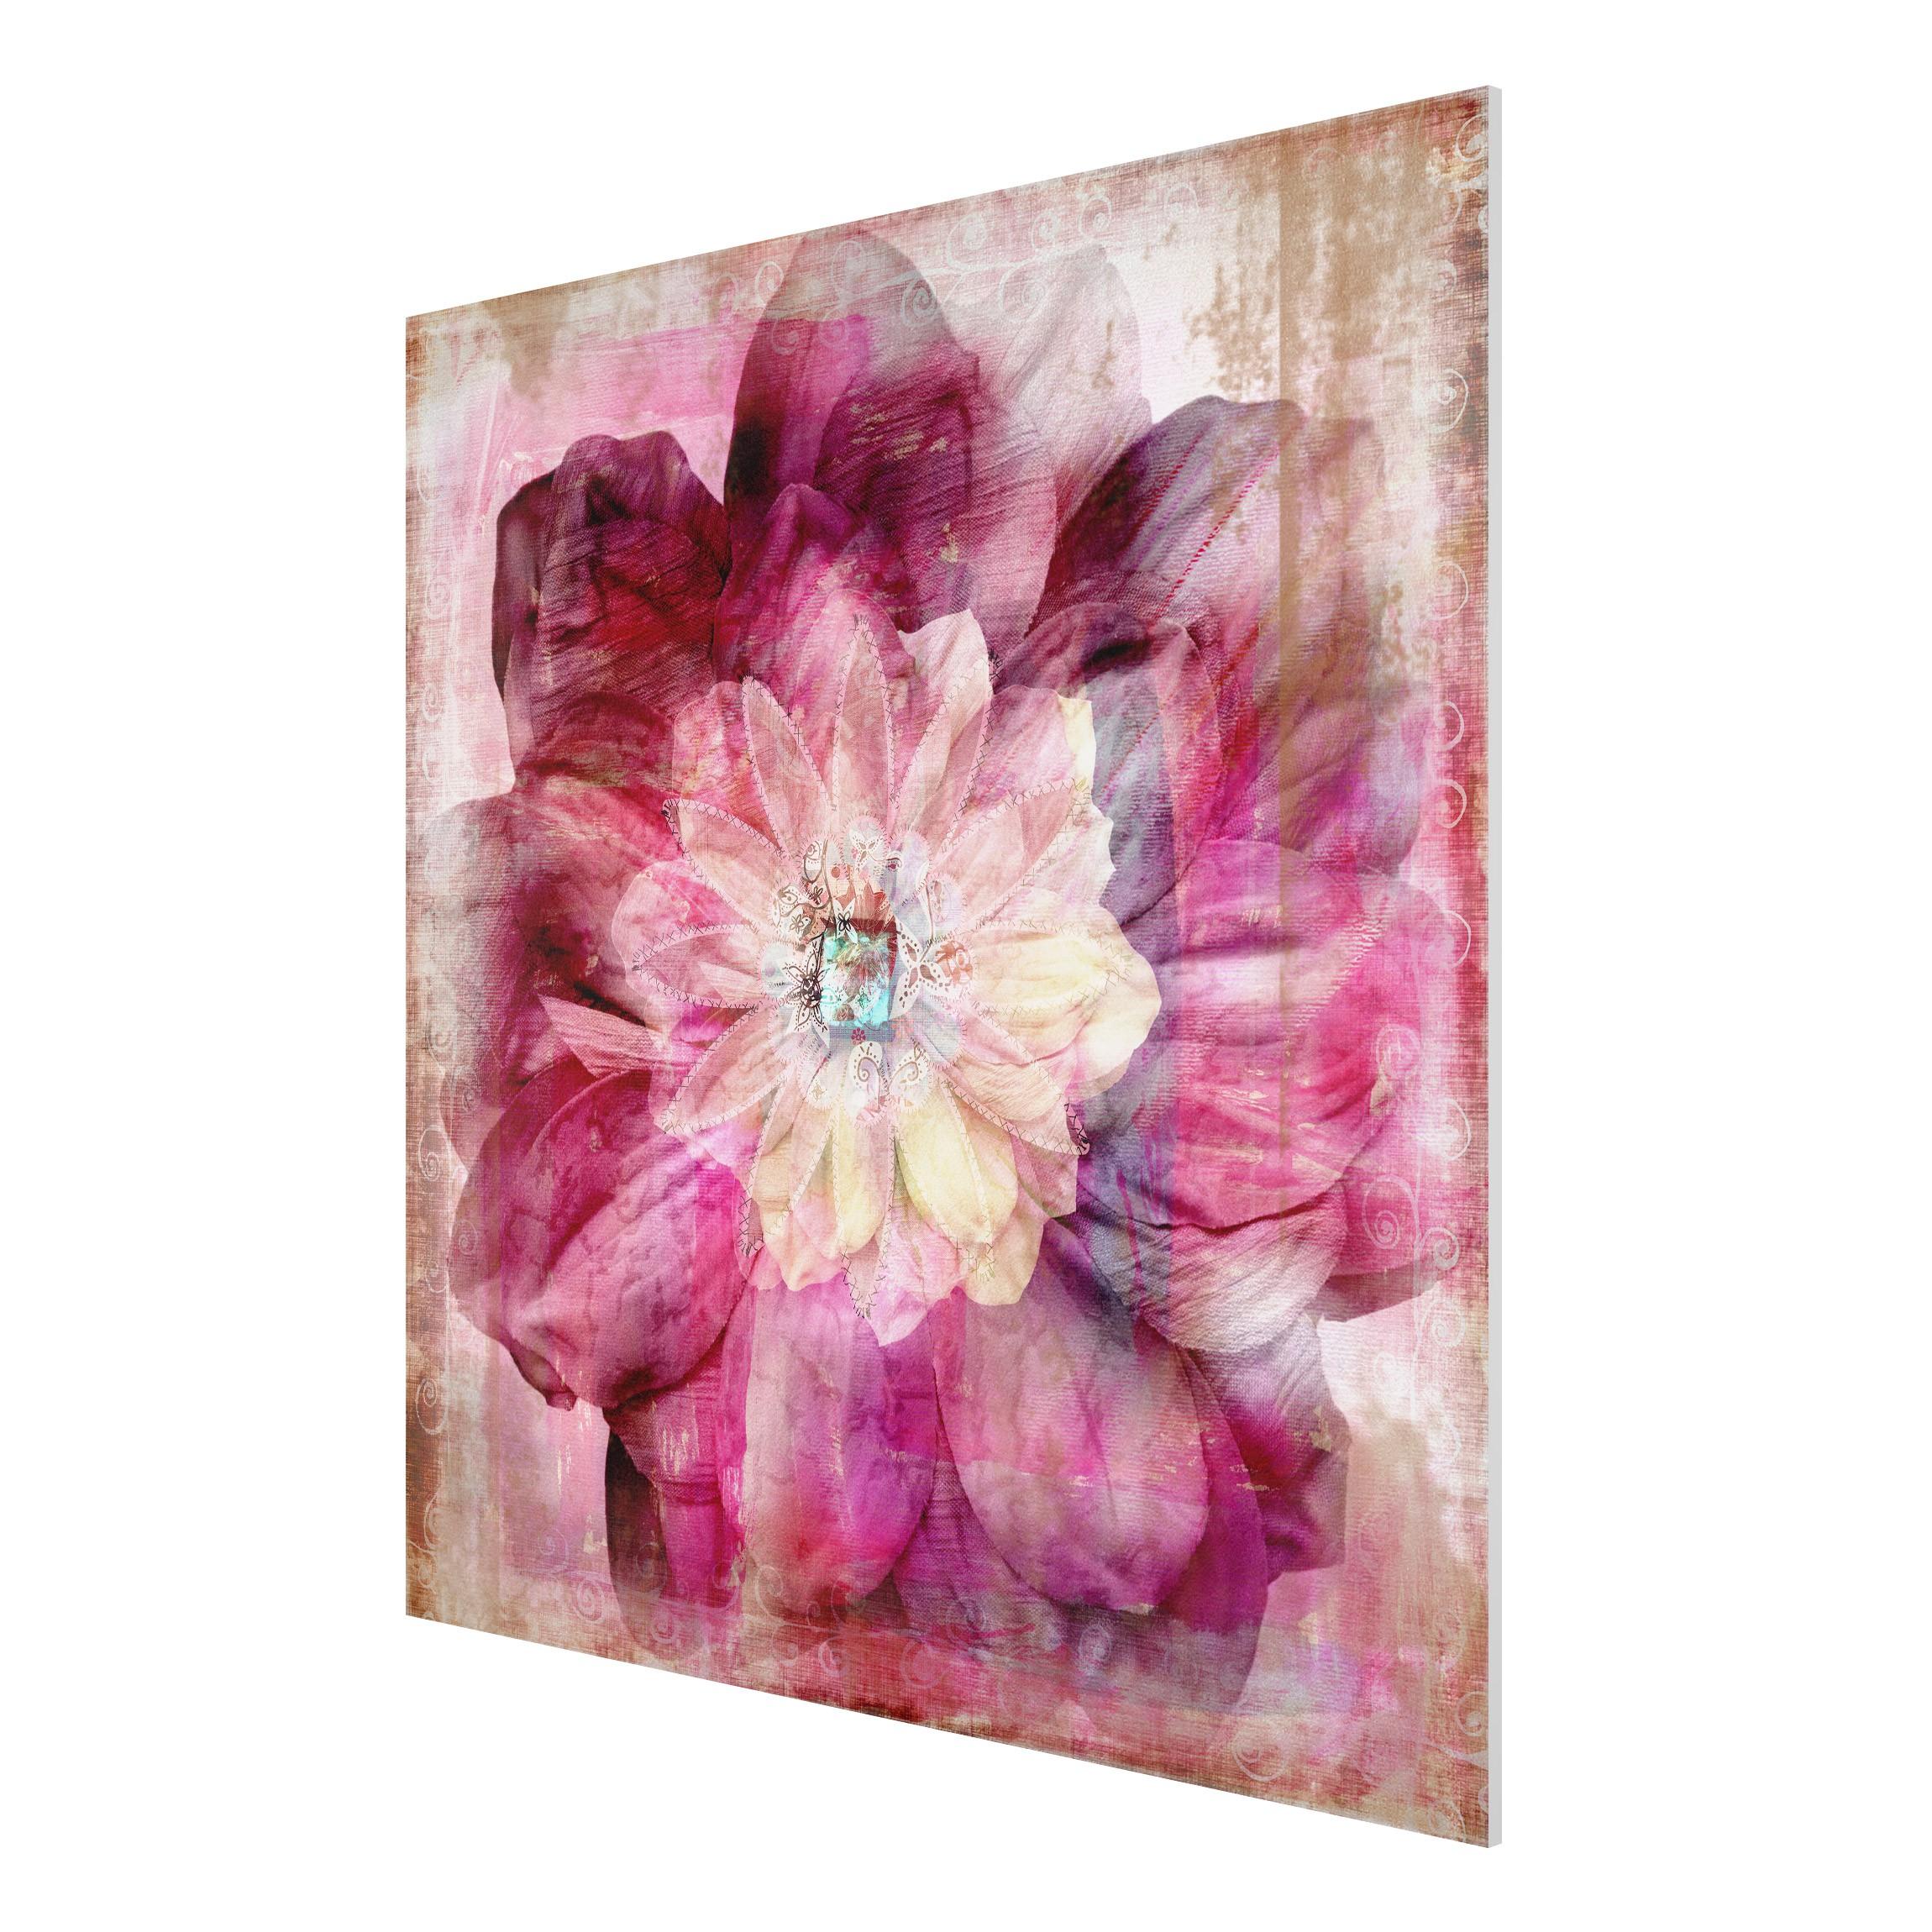 forex fine art print mural grunge flower square 1 1. Black Bedroom Furniture Sets. Home Design Ideas